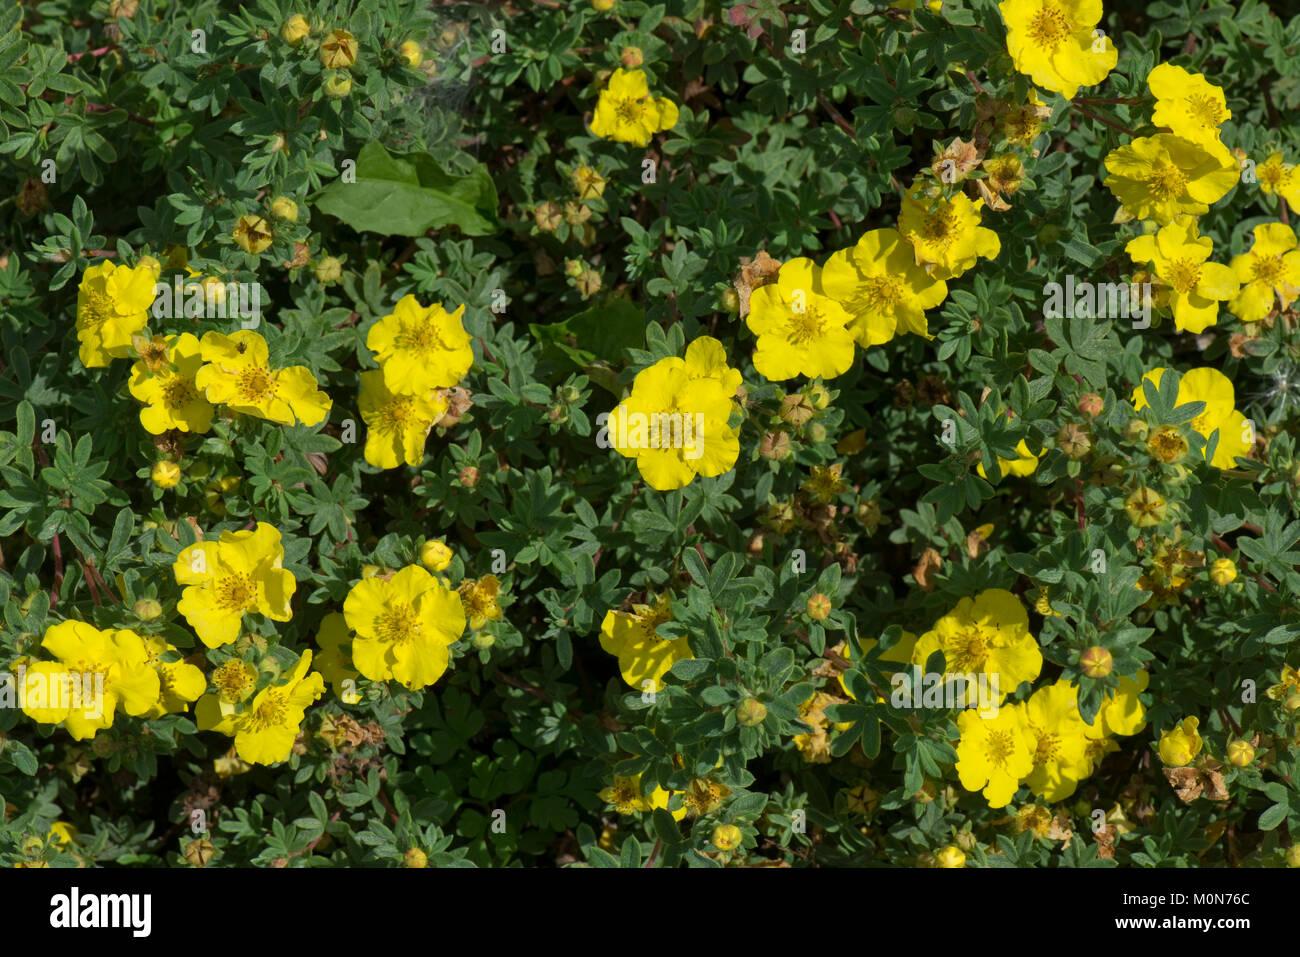 Shrubby cinquefoil elizabeth potentilla elizabeth yellow stock shrubby cinquefoil elizabeth potentilla elizabeth yellow flowers and leaves of low growing ornamental shrub berkshire august mightylinksfo